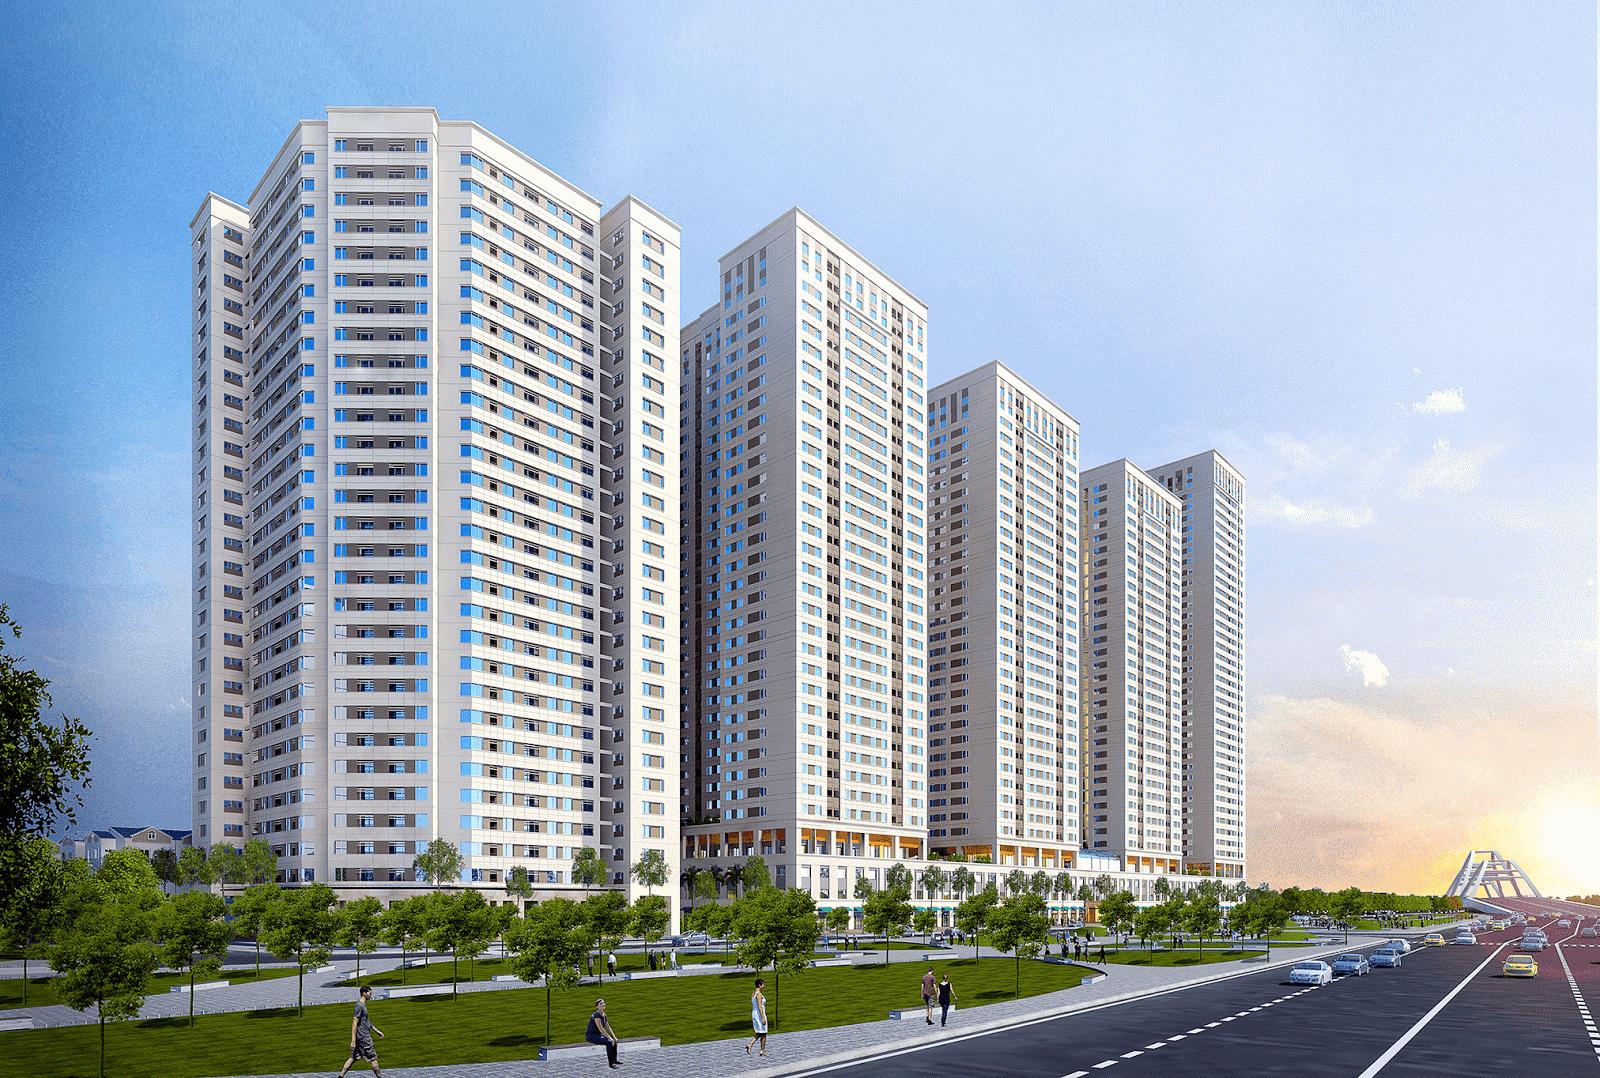 Phối cảnh tổng thể dự án chung cư Eurowindow River Park Đông Hội